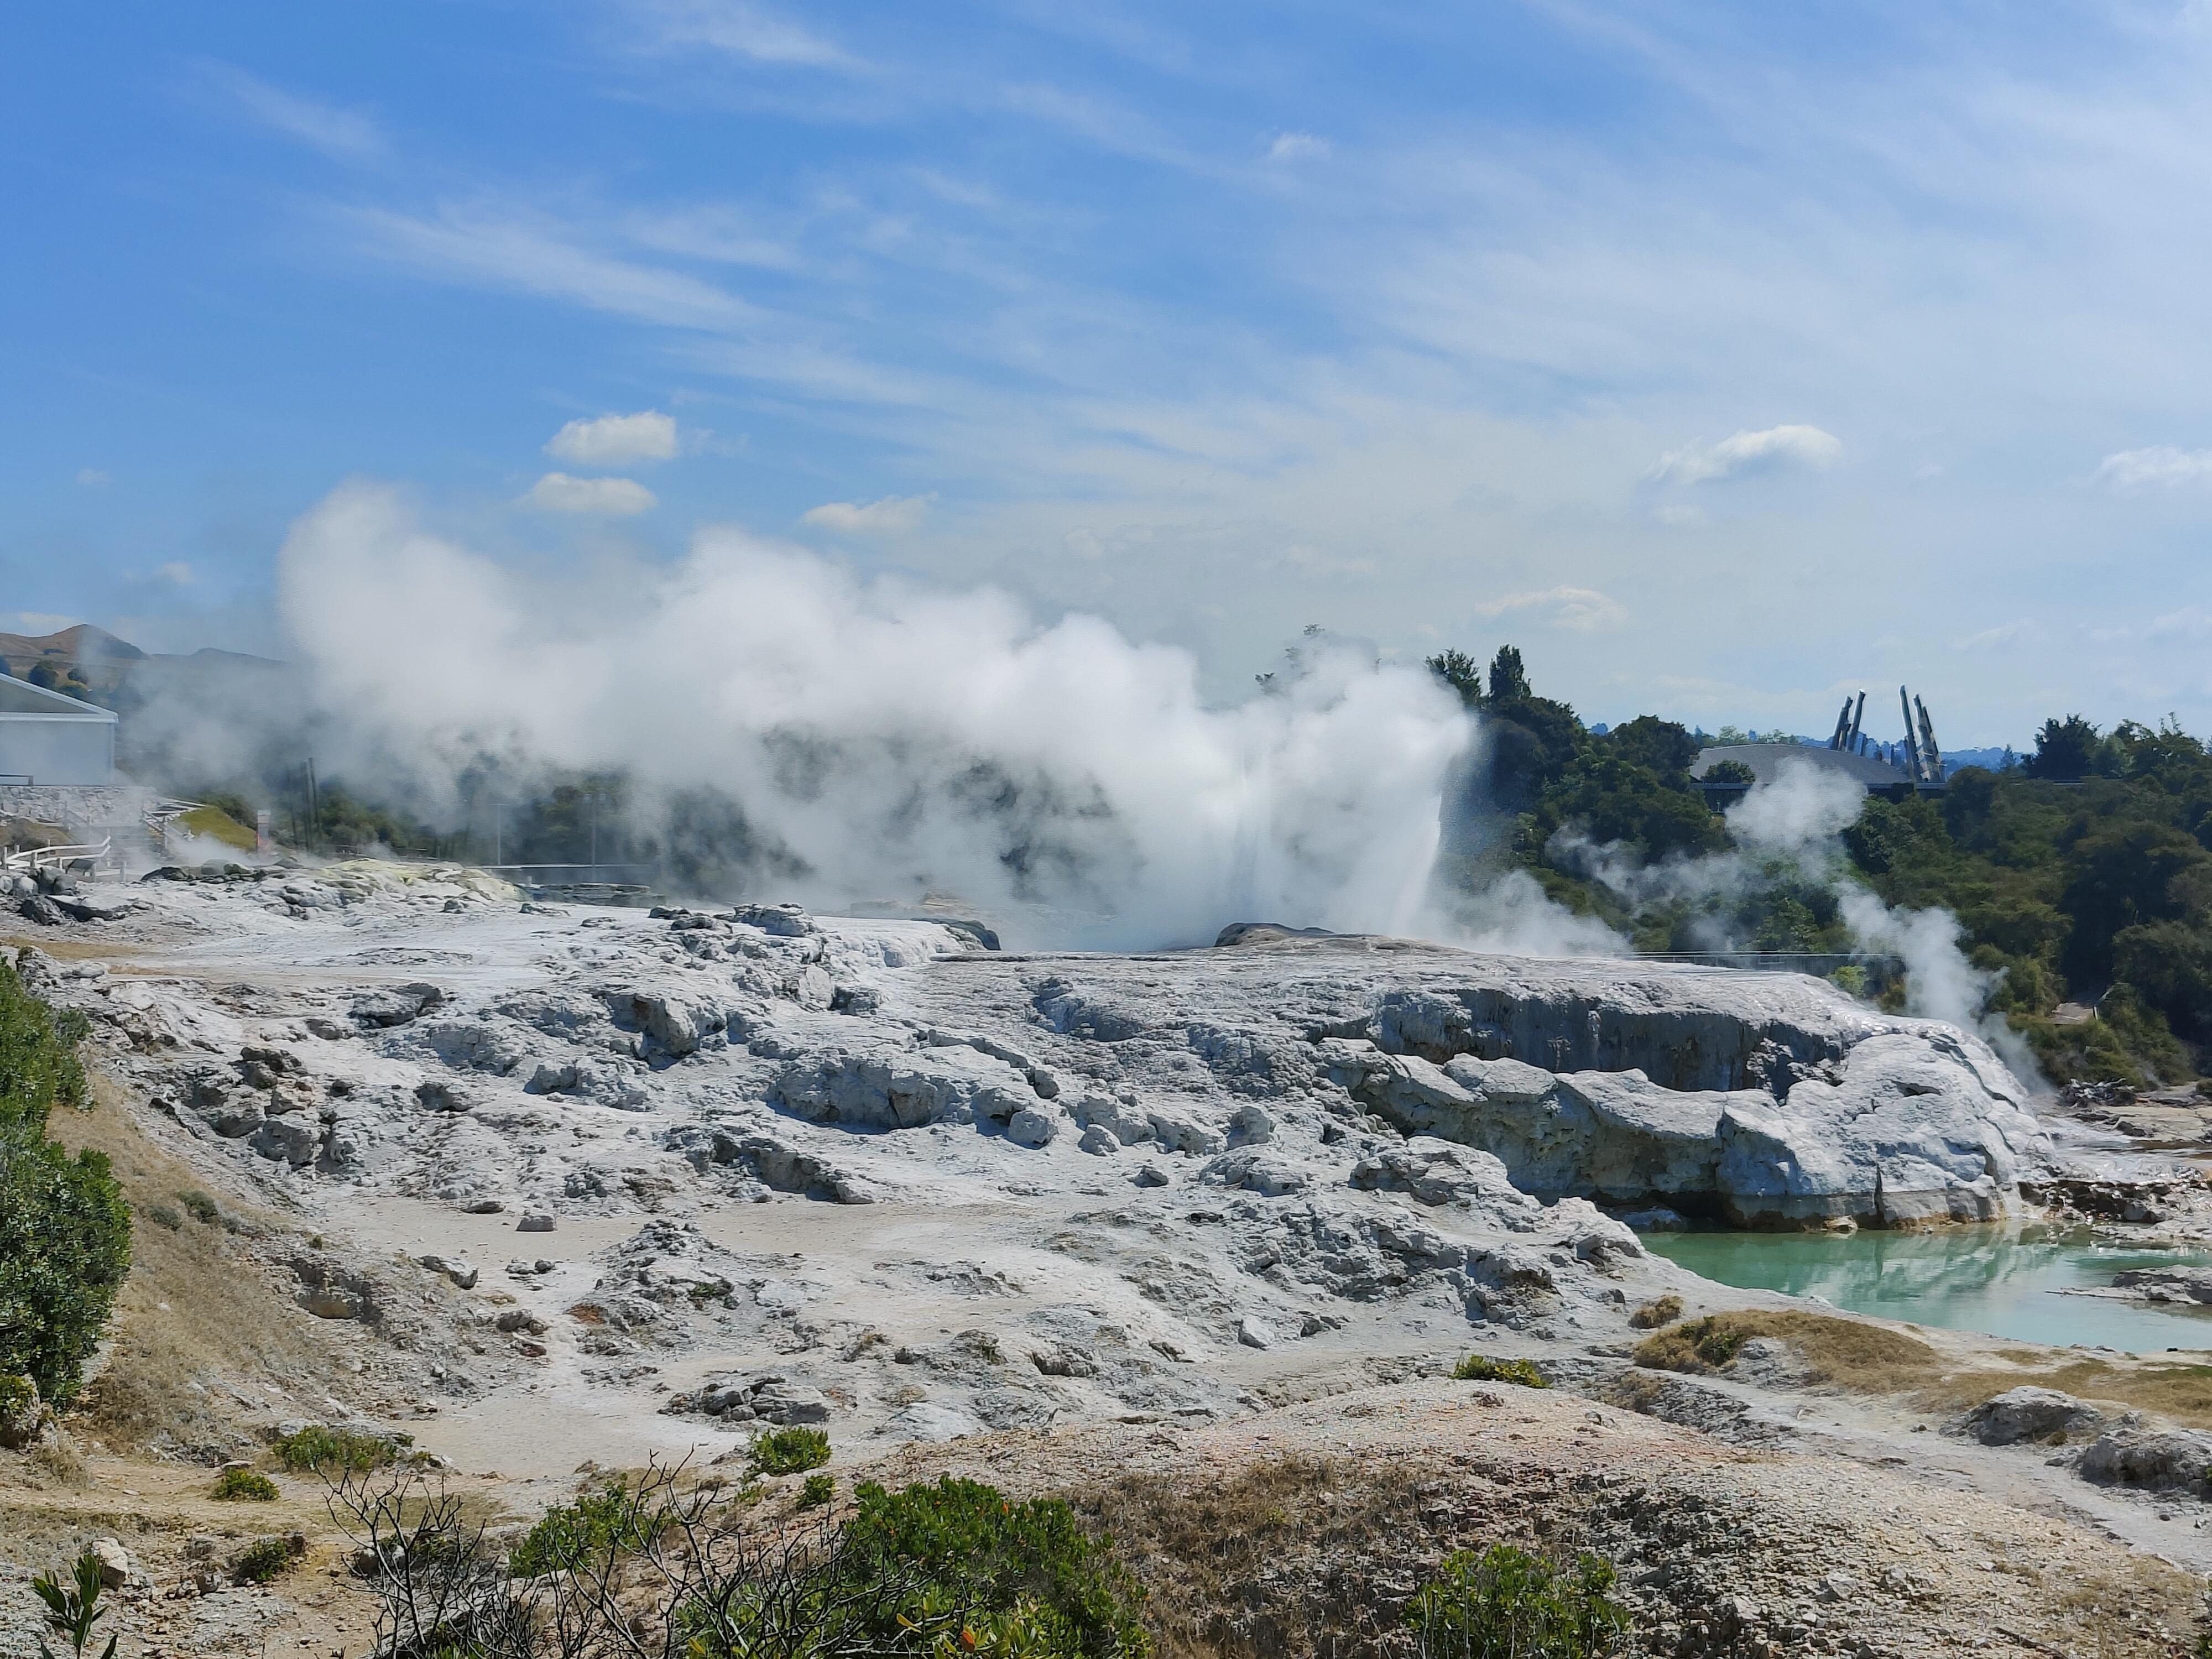 The Pohutu geyser errupting at Whakarewarewa Village